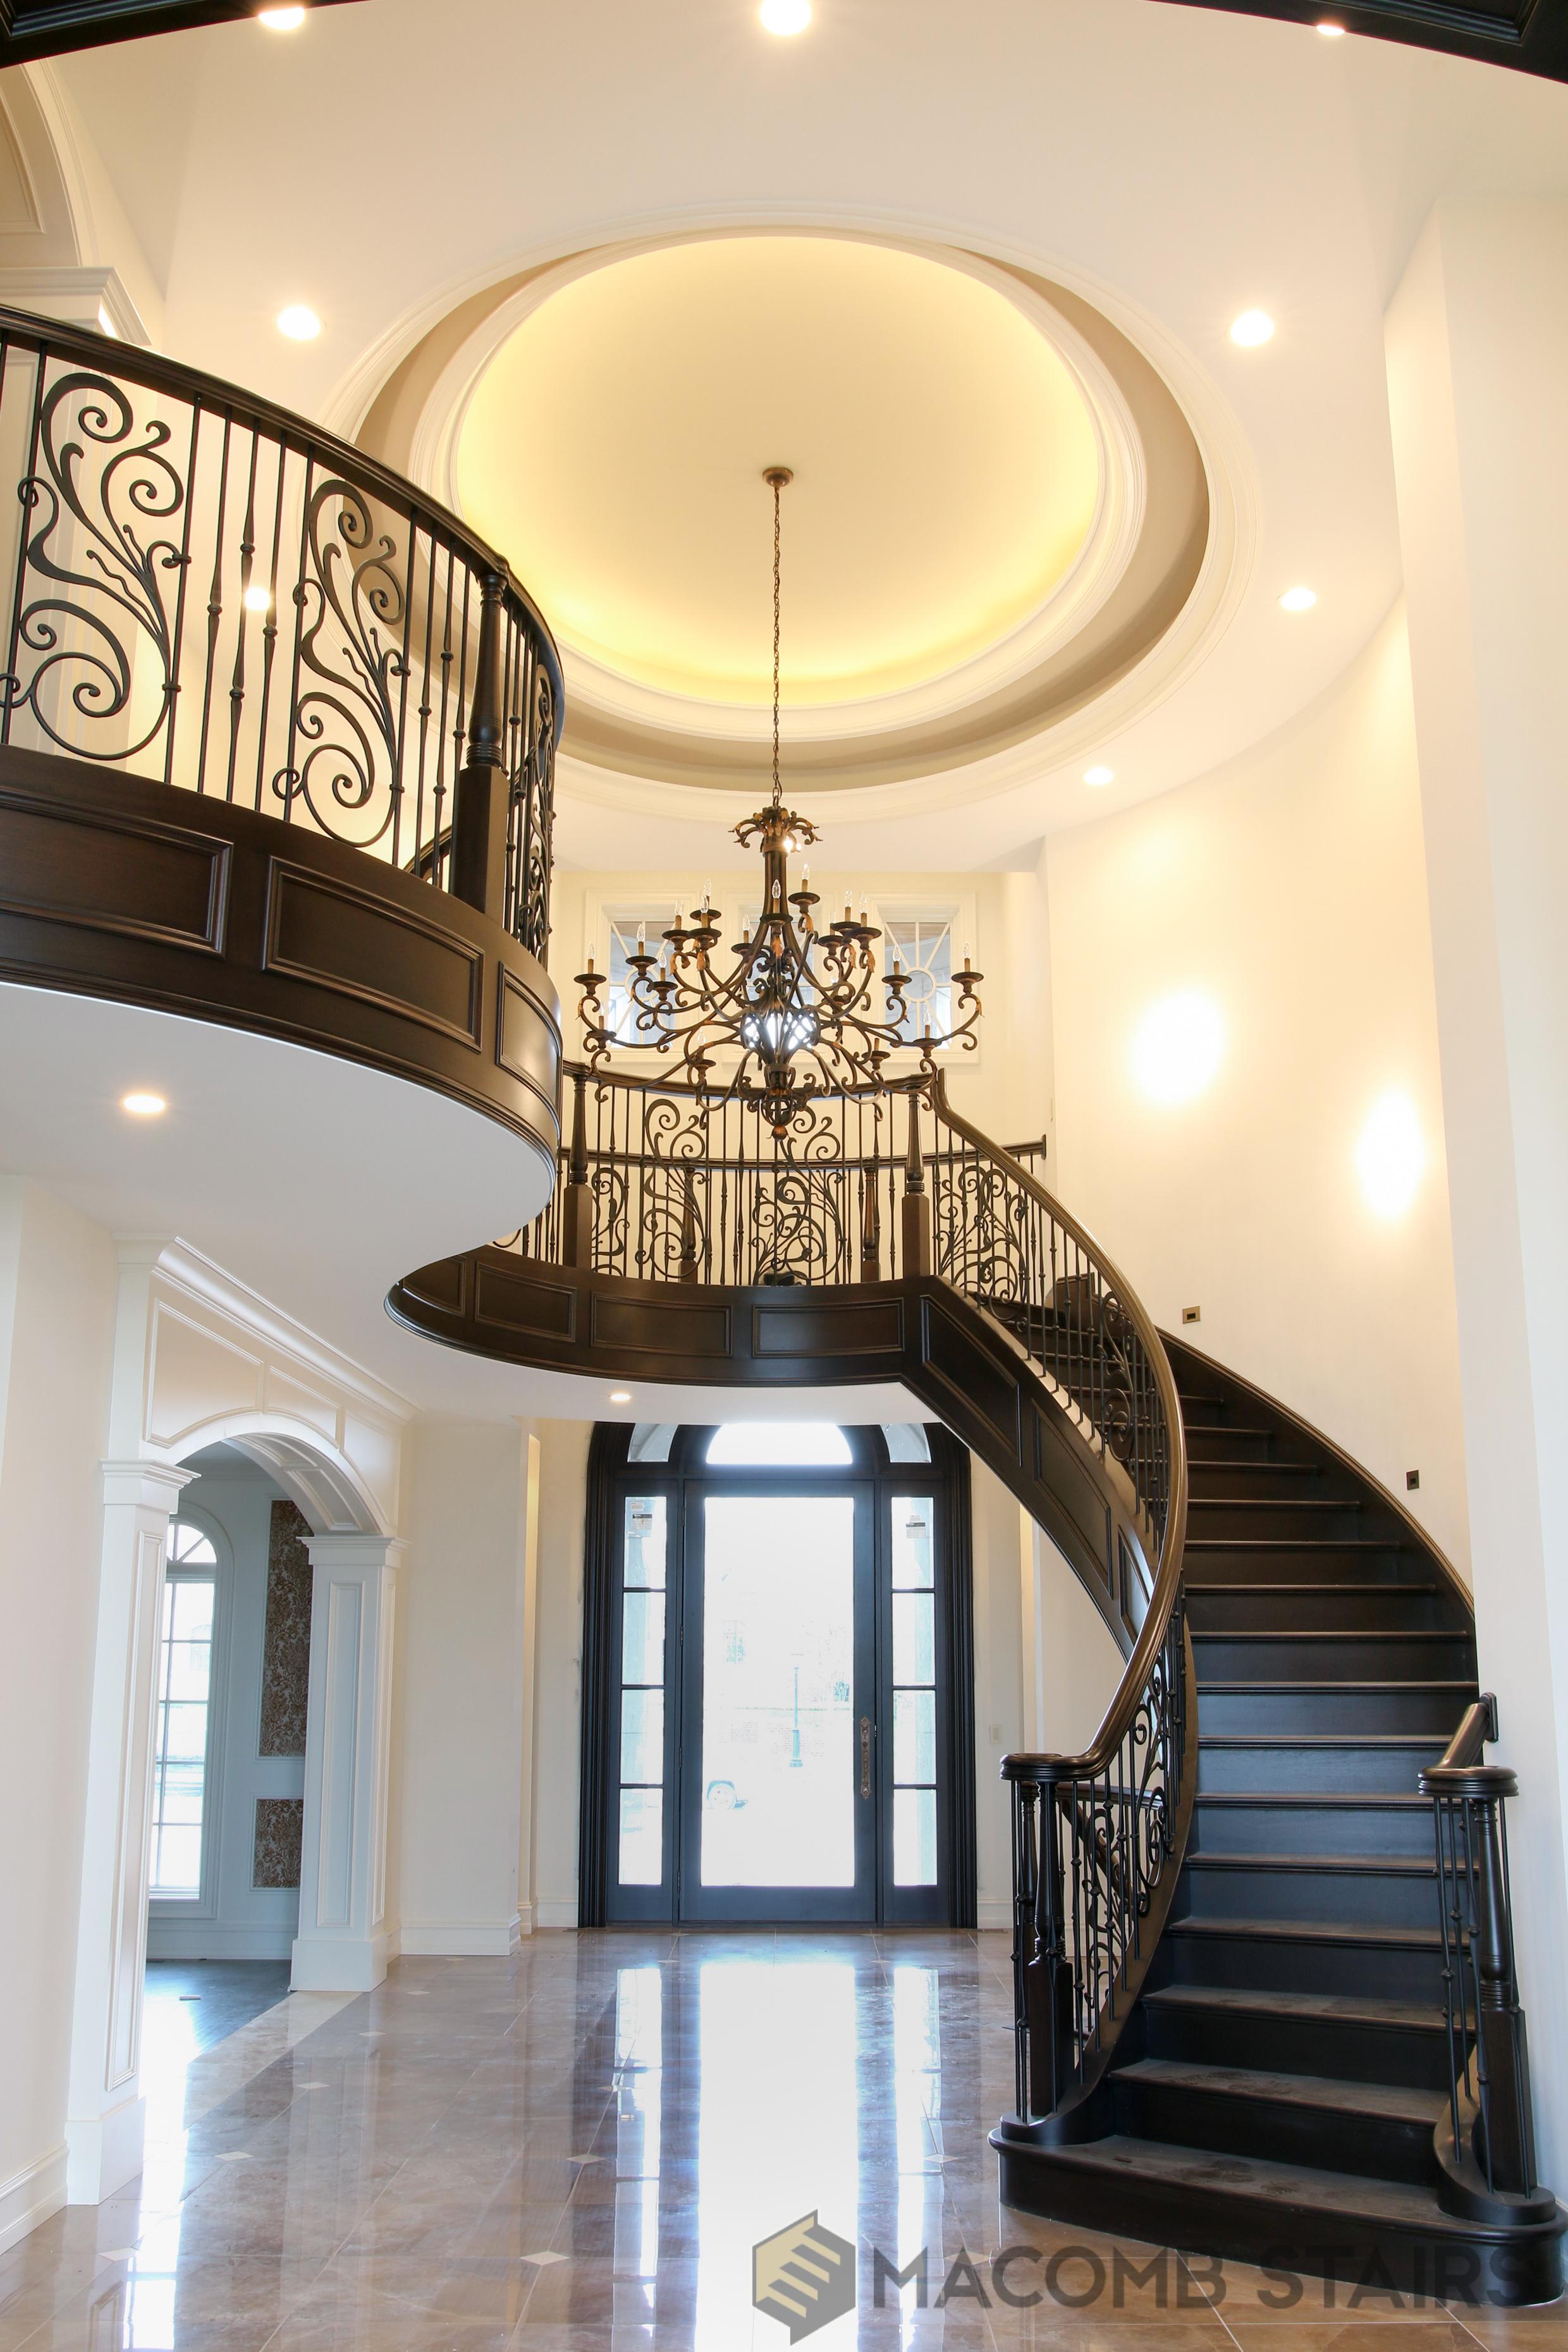 Macimb Stairs- Stair Photo-1-2.jpg